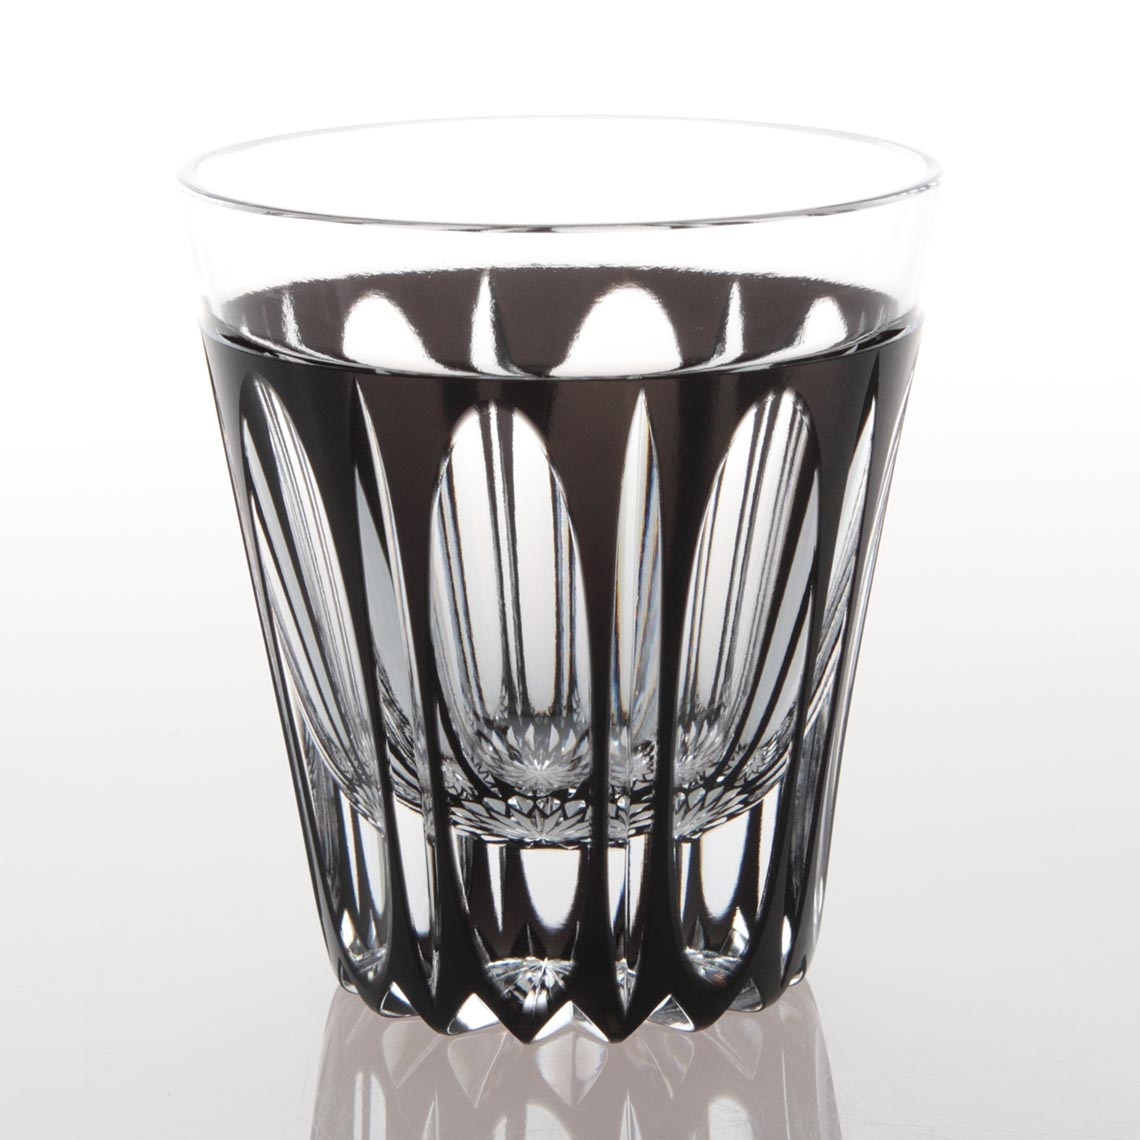 黒被万華様ロックグラス (くろぎせ まんげよう ろっくぐらす)